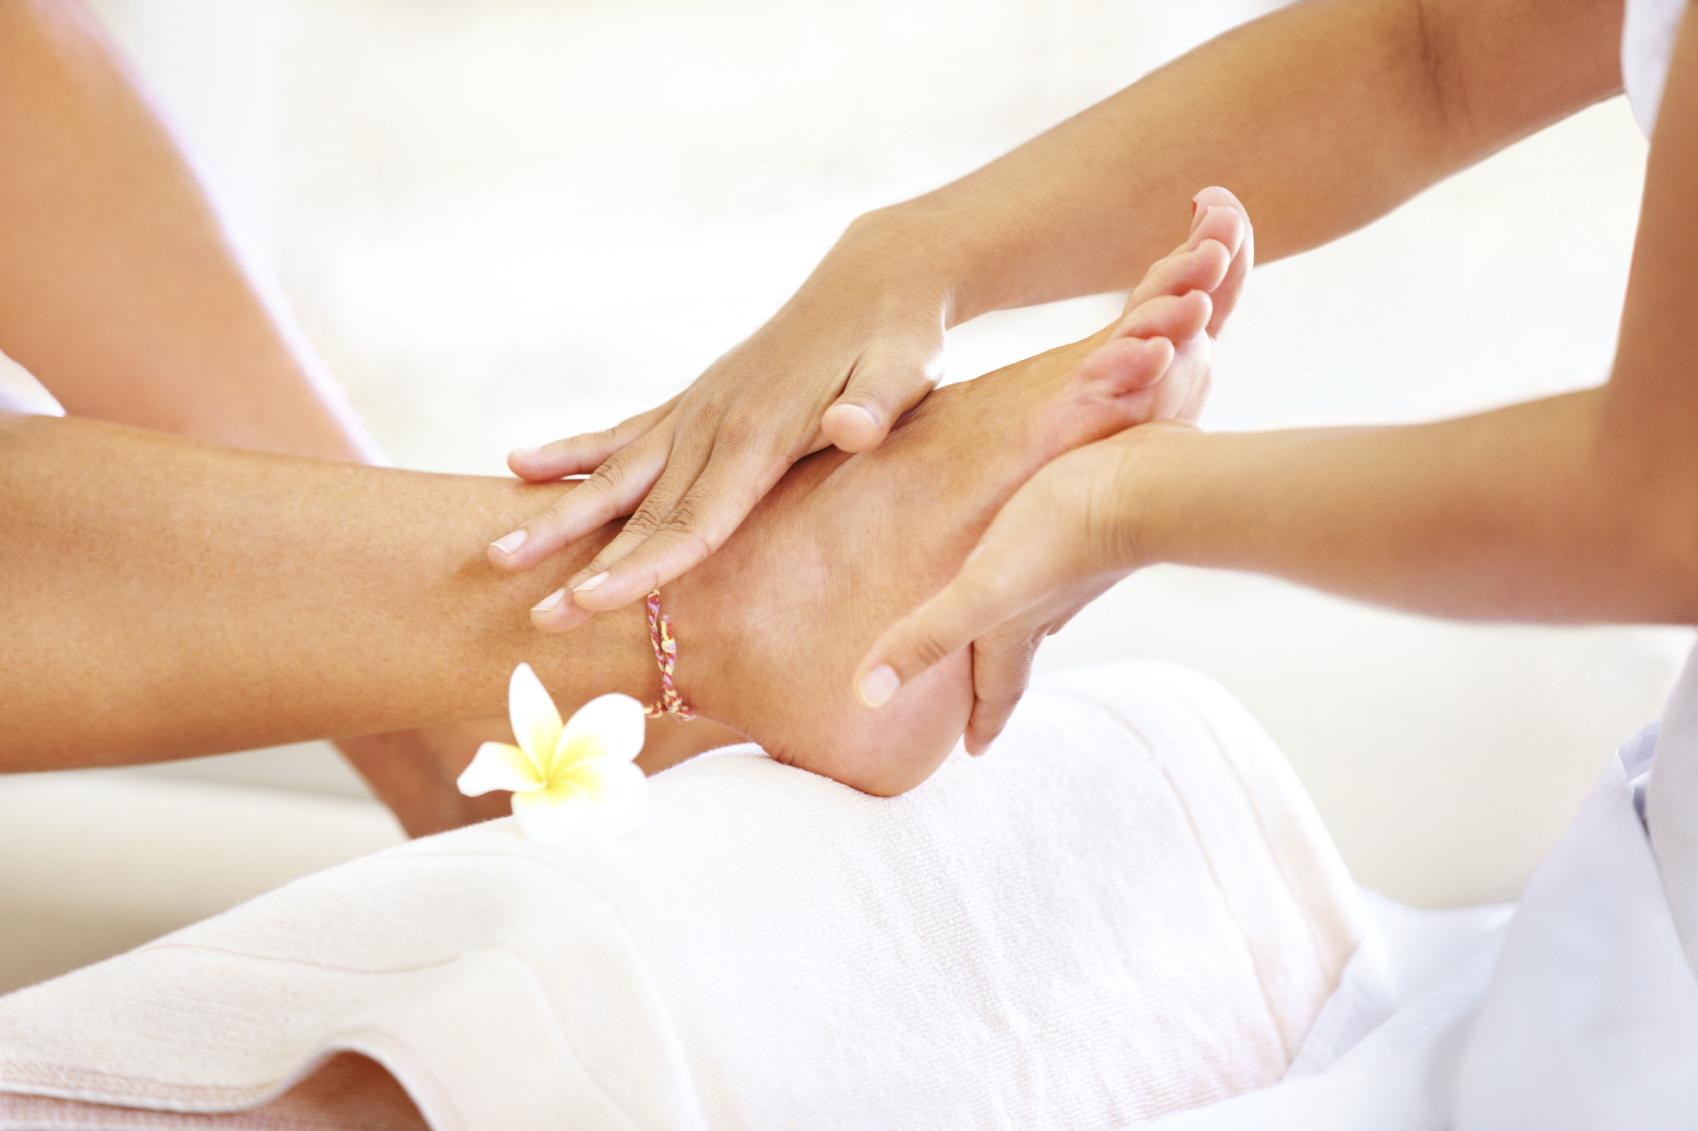 Схема массажа стоп ног фото 71